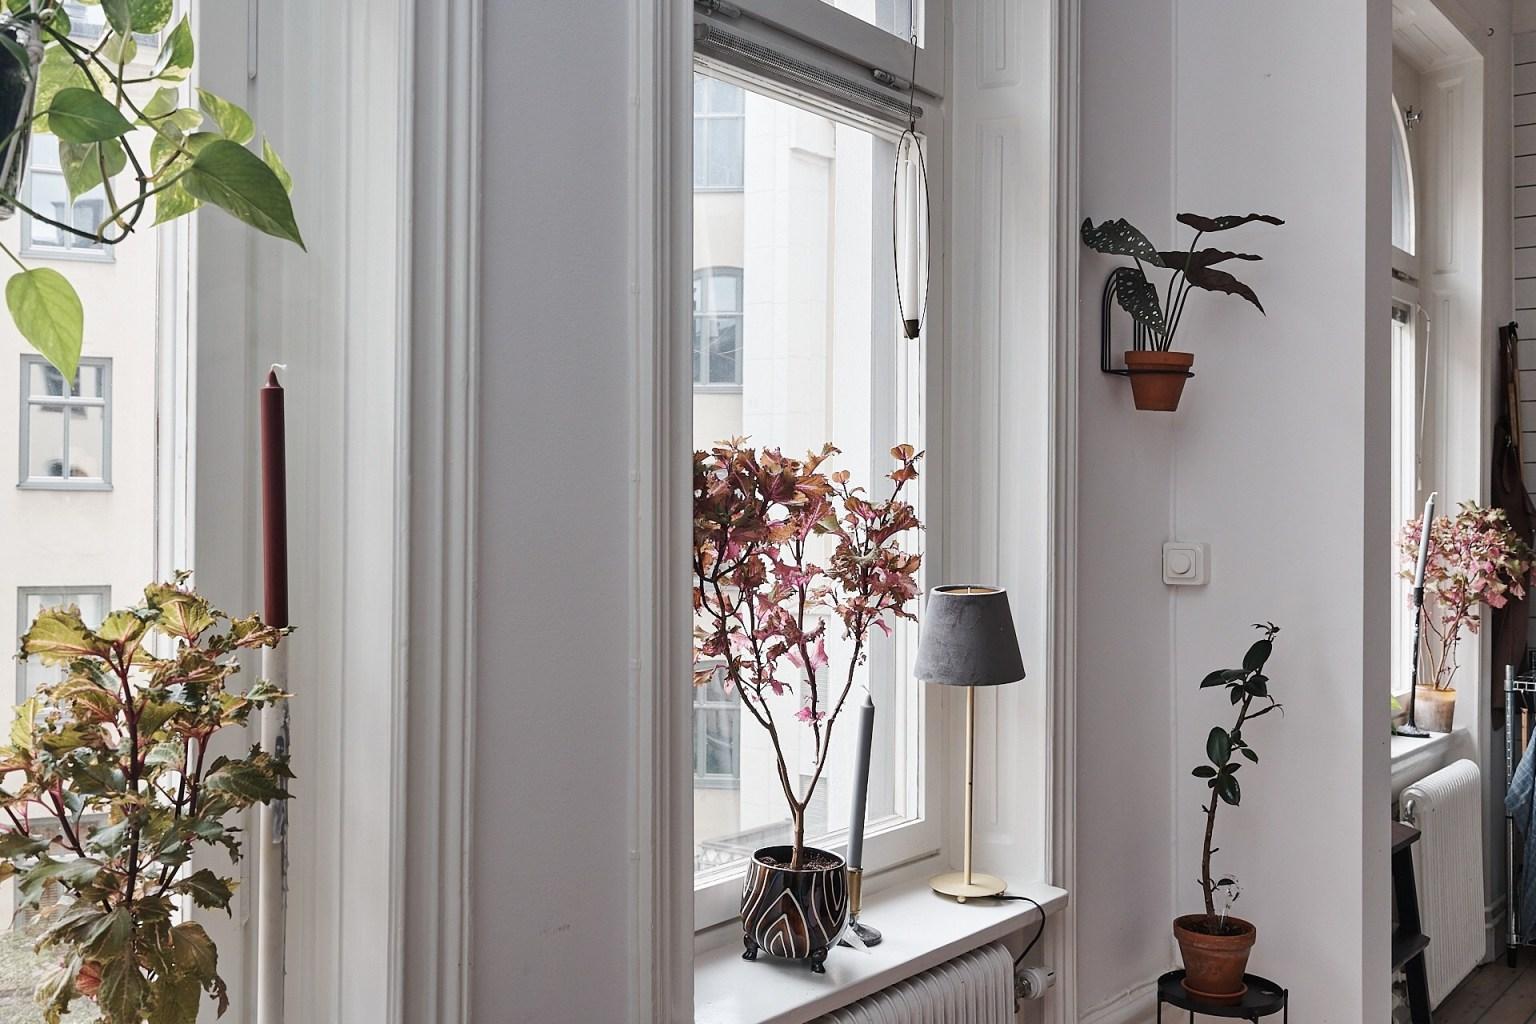 Căn hộ 58m² đẹp tinh tế nhờ phối màu tinh tế theo phong cách Scandinavian - Ảnh 17.